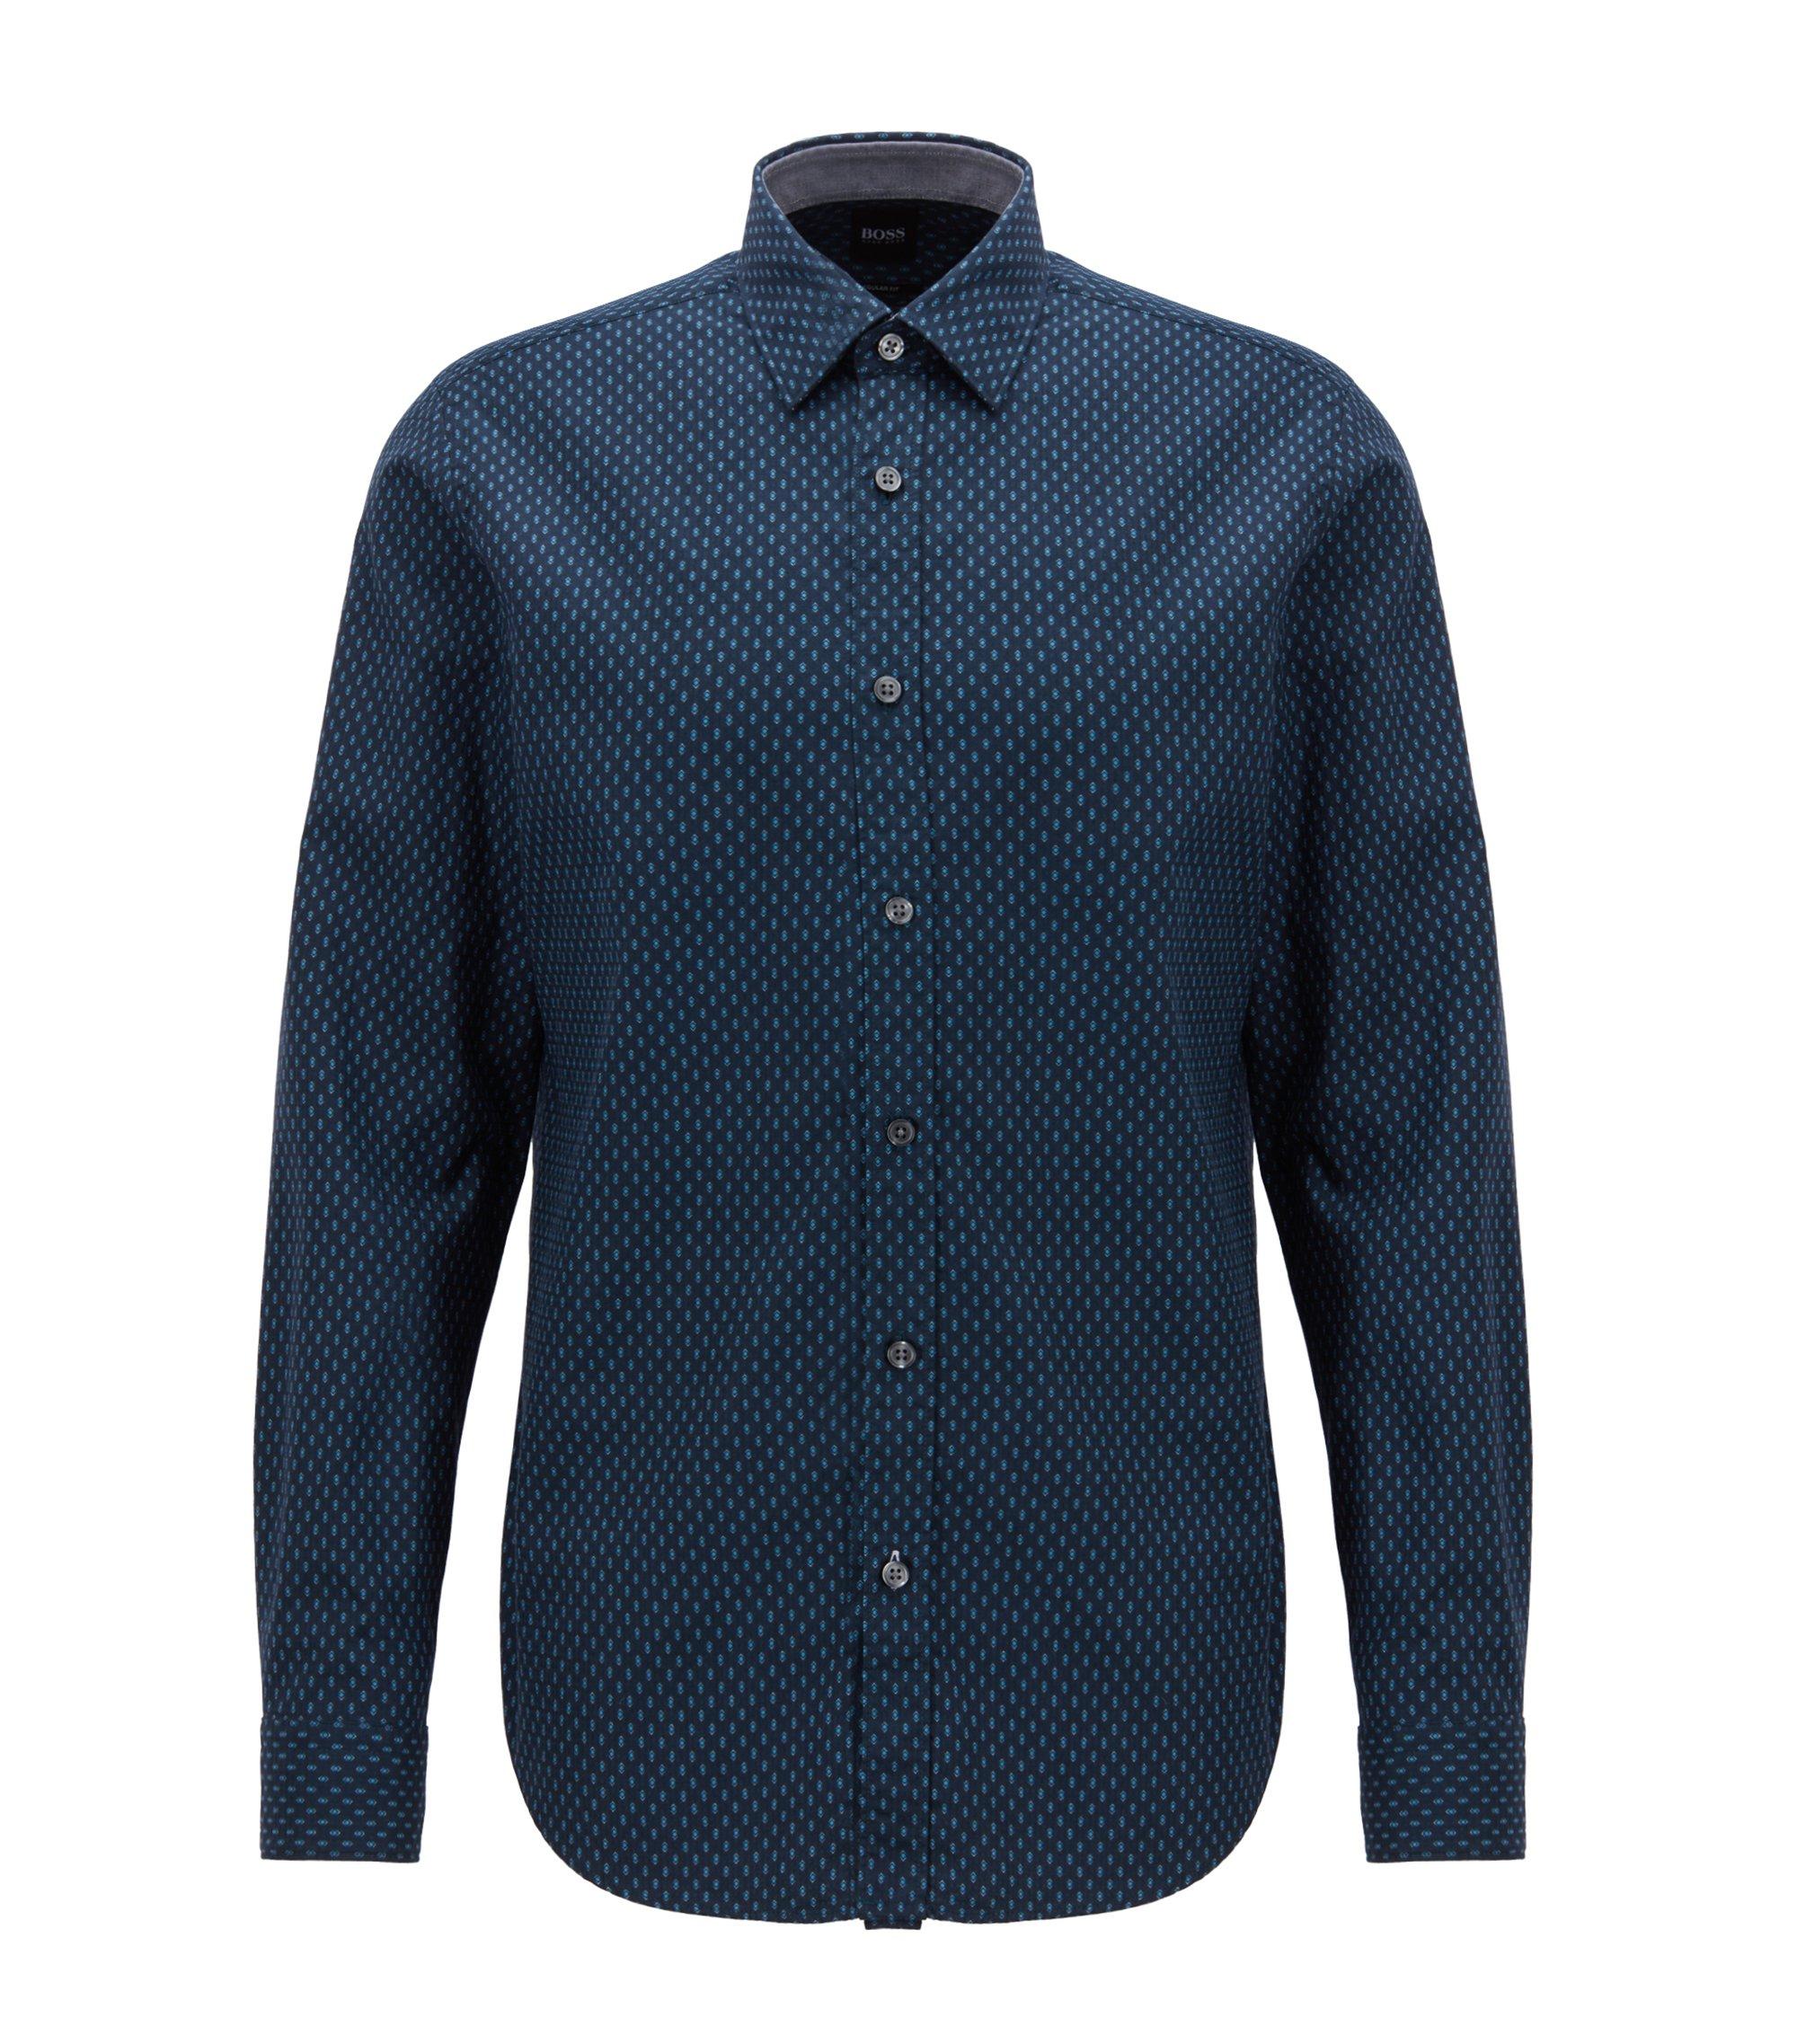 Regular-Fit Hemd aus strukturierter Baumwolle mit geometrischem Print, Dunkelblau